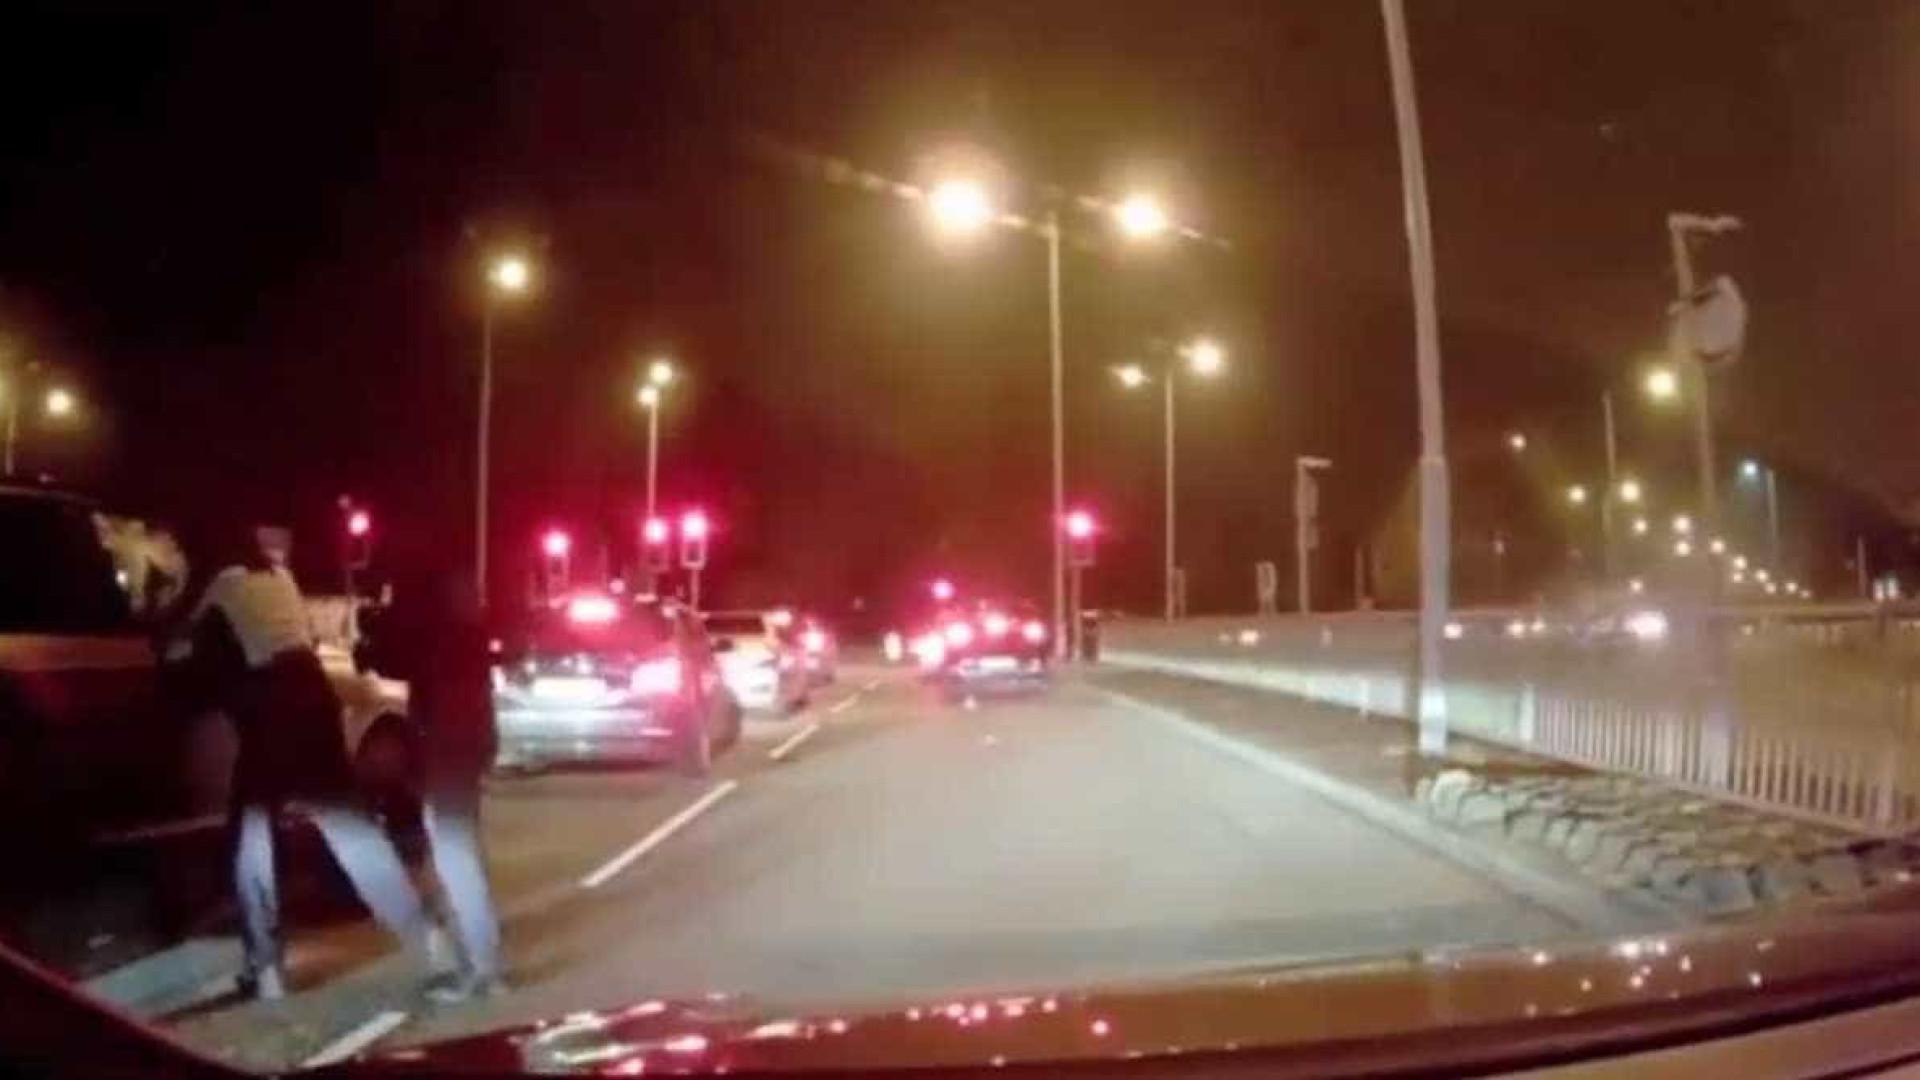 Homens encapuzados tentam assaltar carro, mas encontram mãe resistente